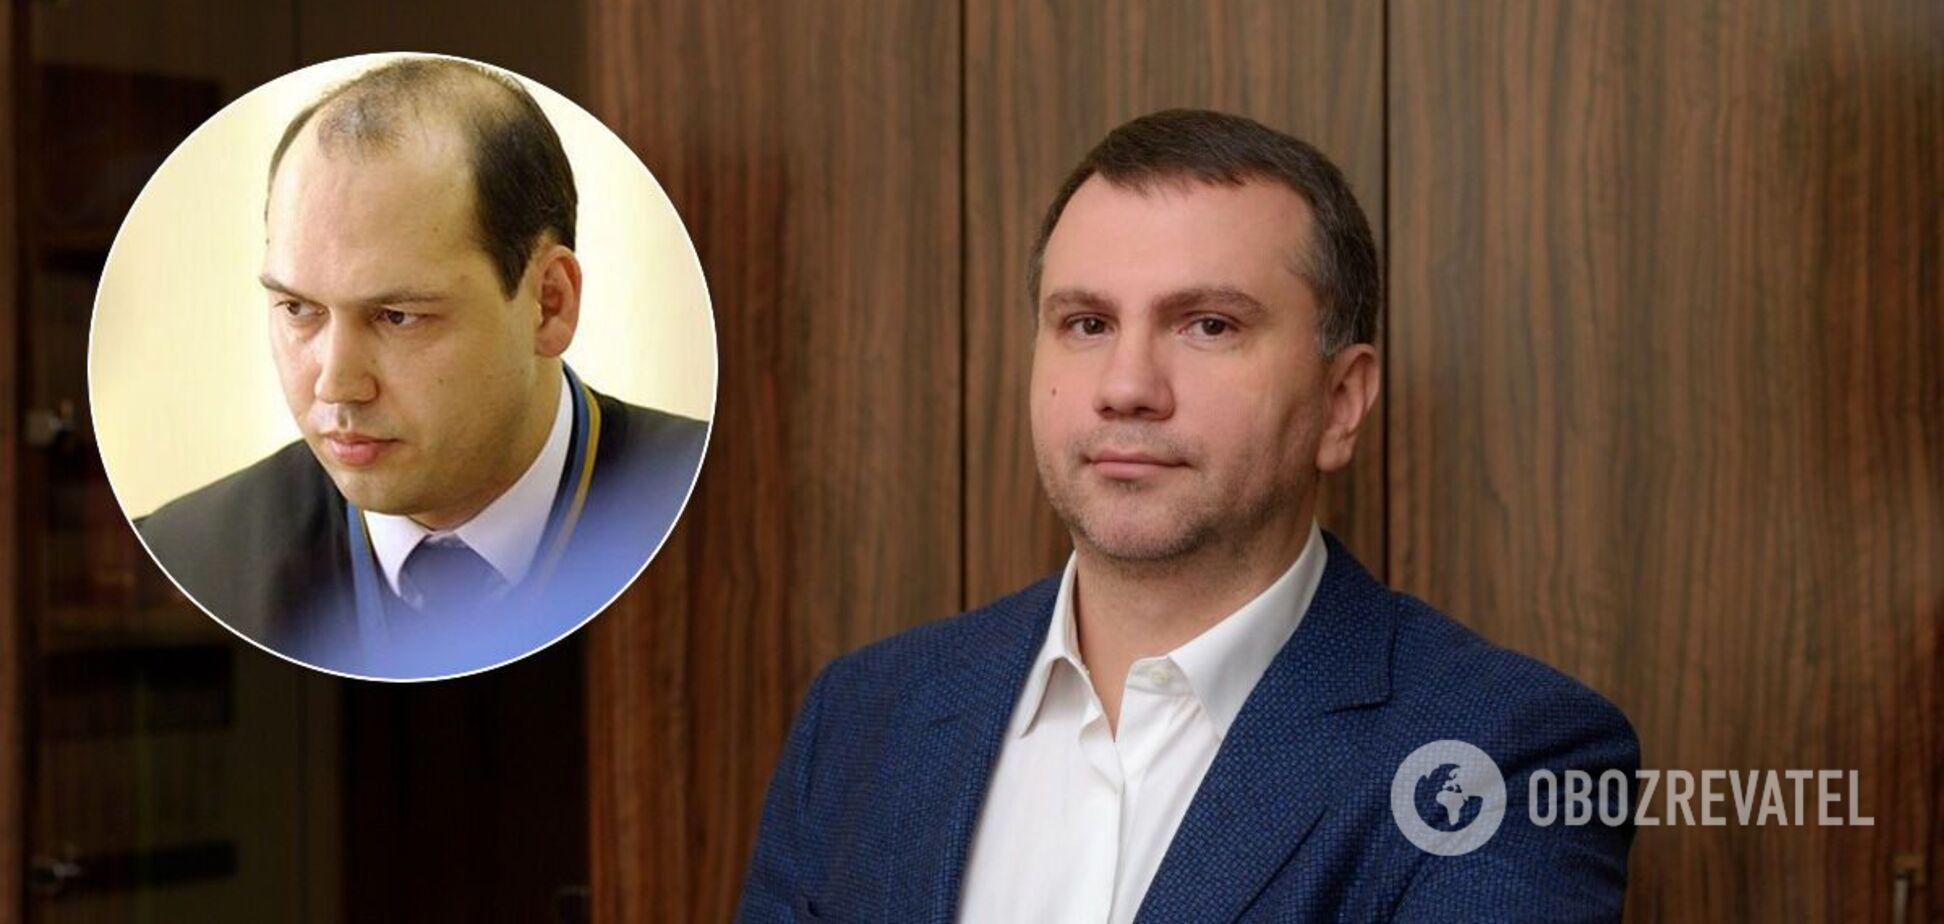 Сергей Вовк обязал убрать информацию о подозрении Павлу Вовку